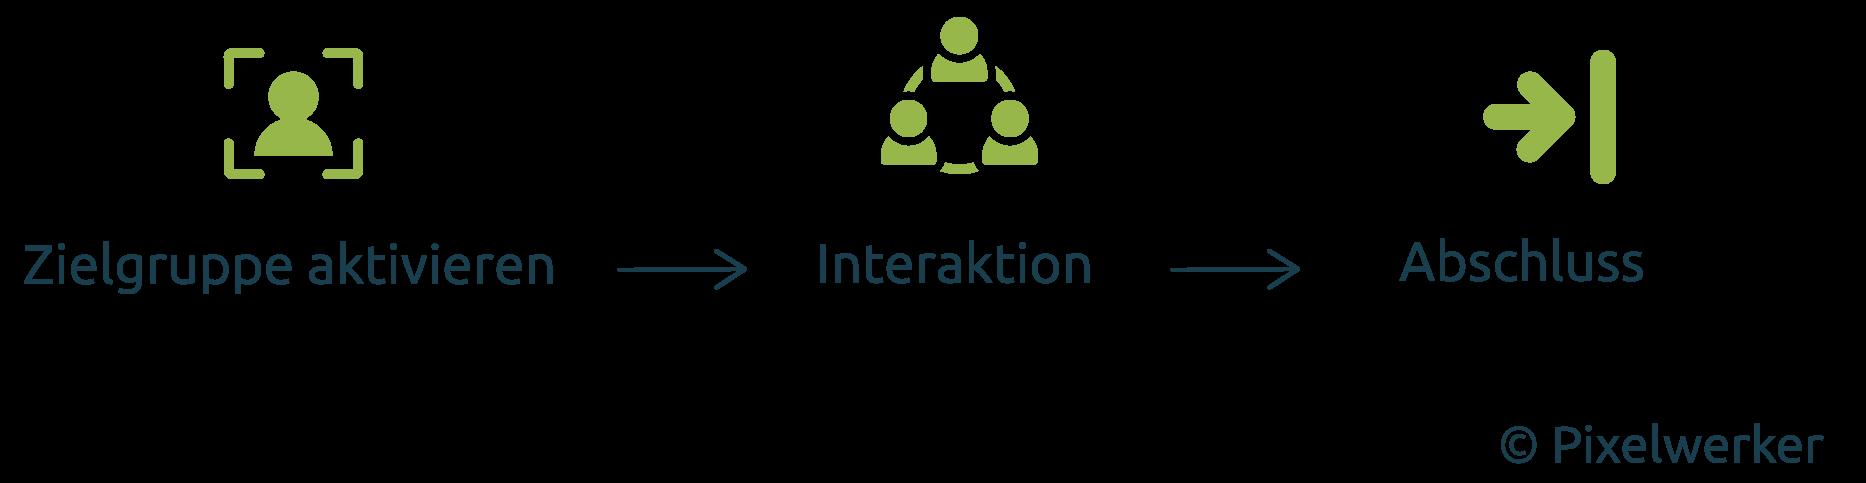 Phasen der Kundenbindung